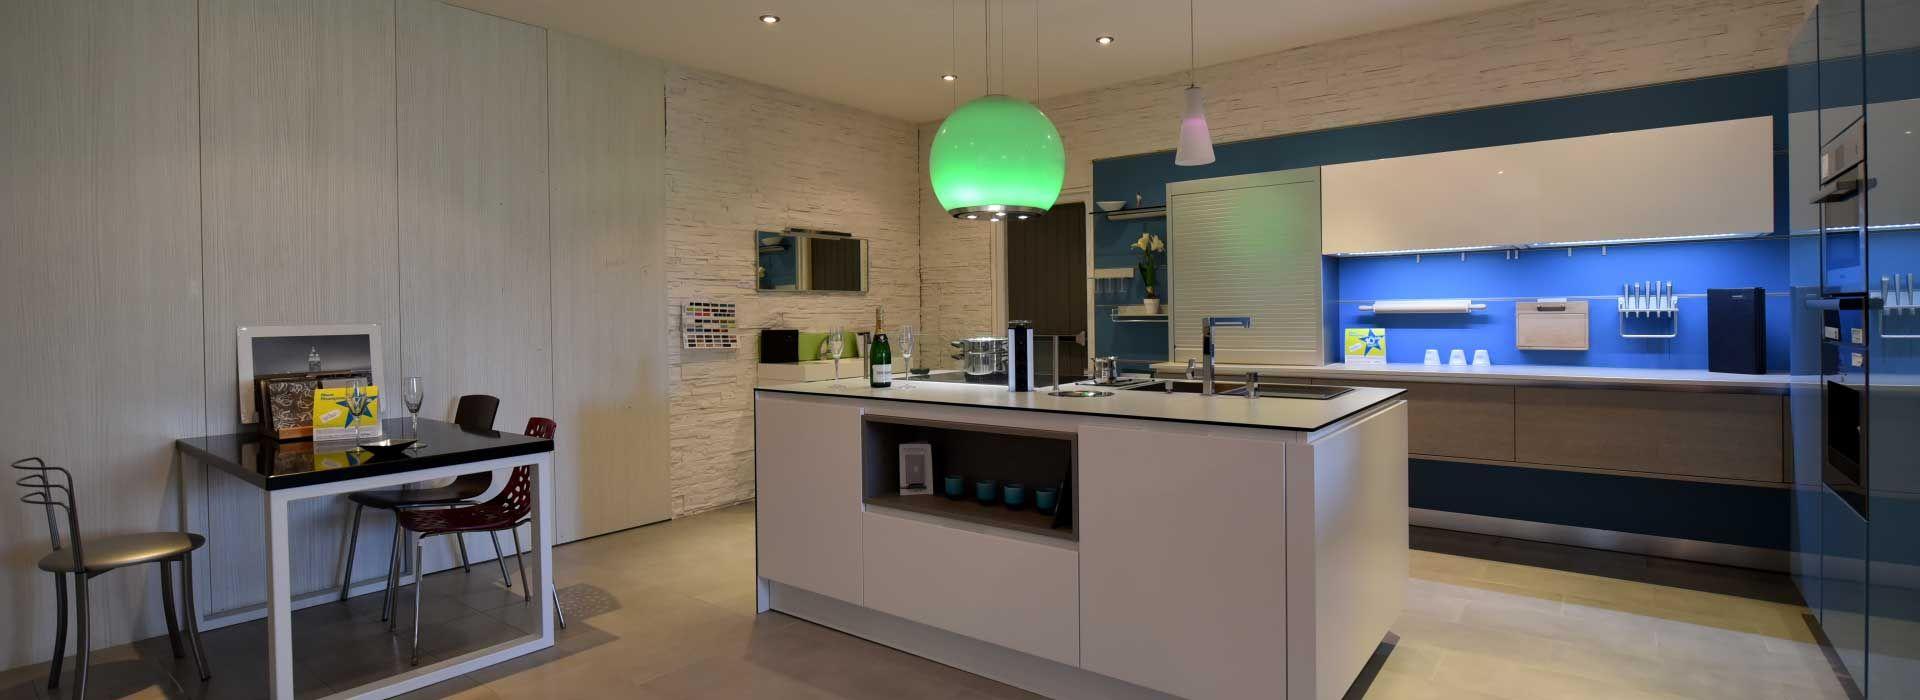 Cuisine Provencale Blanche Et Bleue fabriquant de cuisine, bain et ameublement en drome provencale